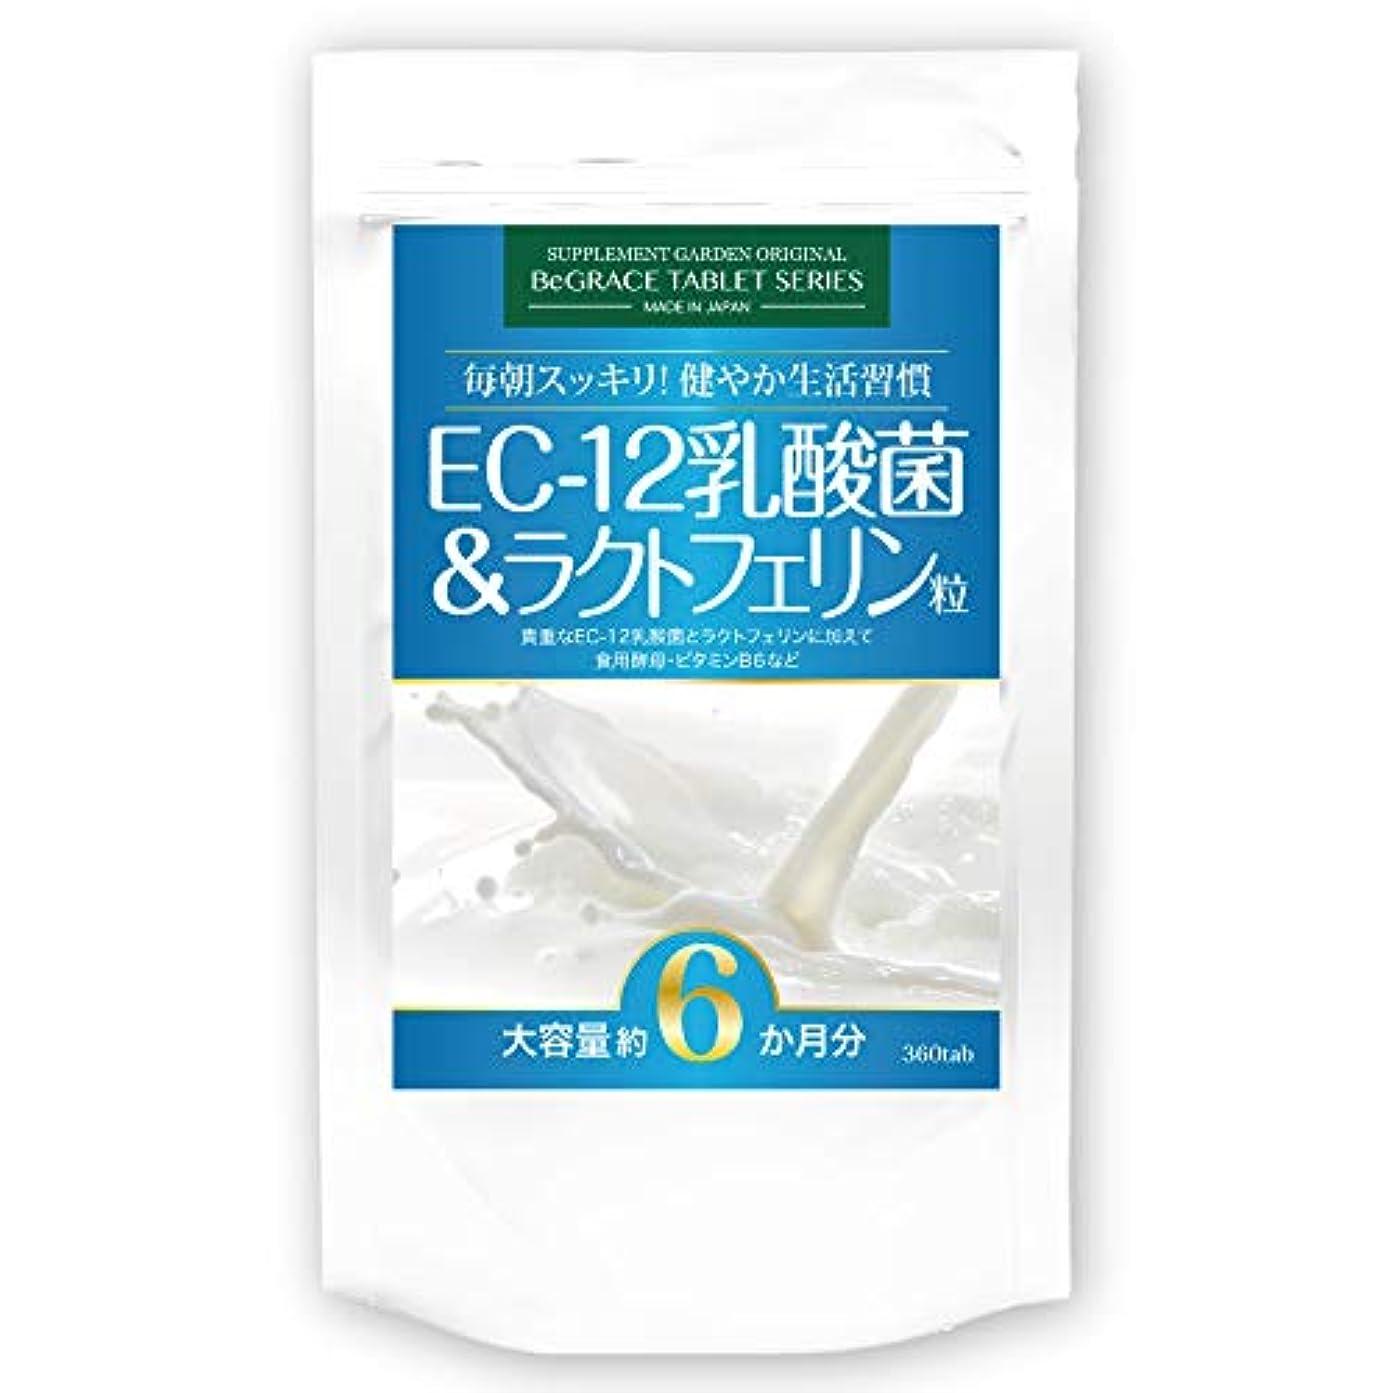 深める弱点差し引くEC-12乳酸菌&ラクトフェリン粒 大容量約6ヶ月分/360粒(EC-12乳酸菌、ラクトフェリン、ビール酵母、ホエイプロテイン、ビタミンB6)